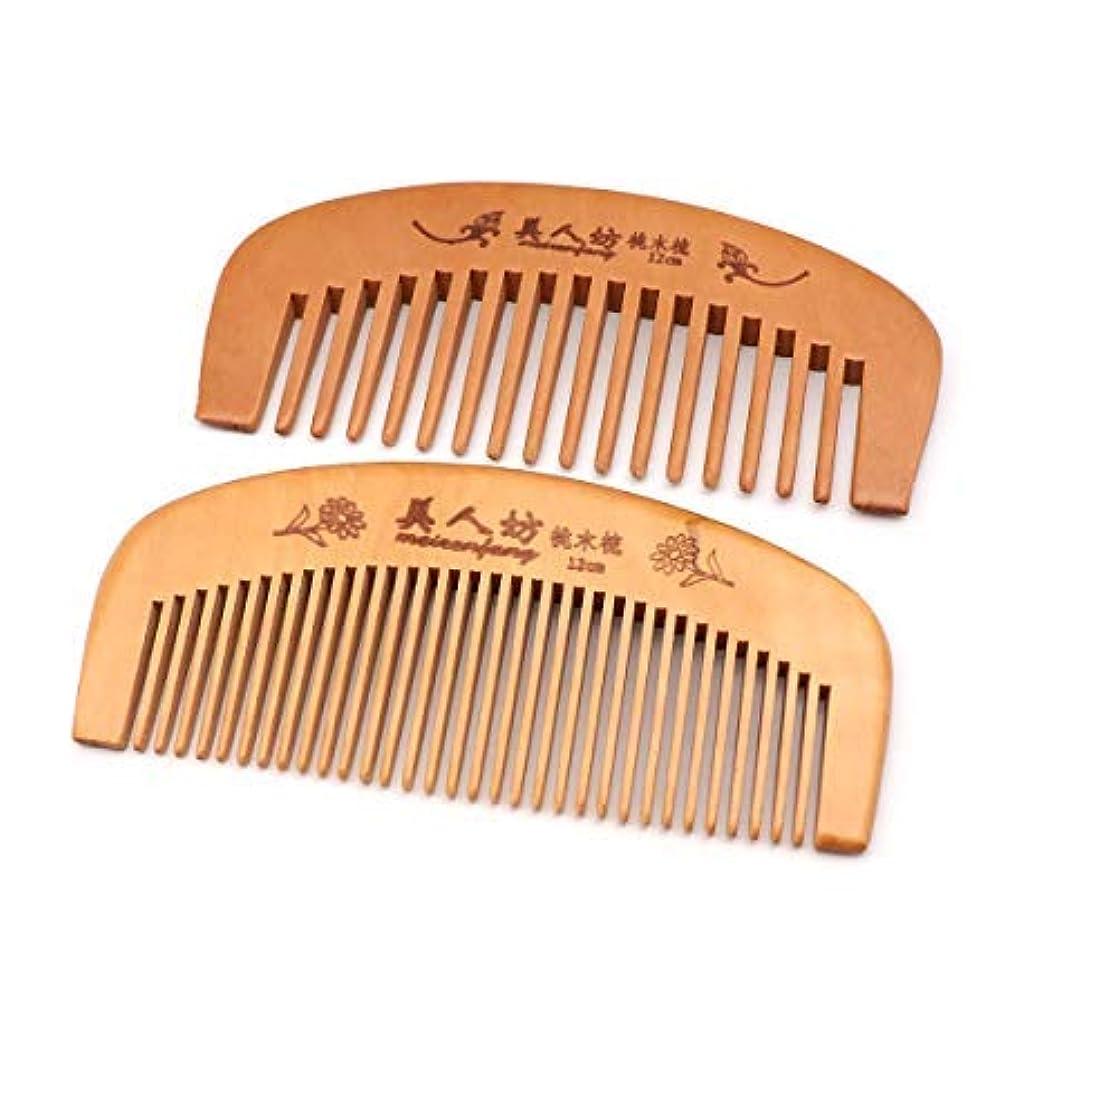 驚かす気分ボールHandmade Wooden Hair Comb for Curly Wide Toothed Wooden Comb, anti-Static and Barrier-free Hand Brushing Beard, hair, Suitable for Women, Male Static Natural Wood Sandalwood Comb (Short comb) [並行輸入品]